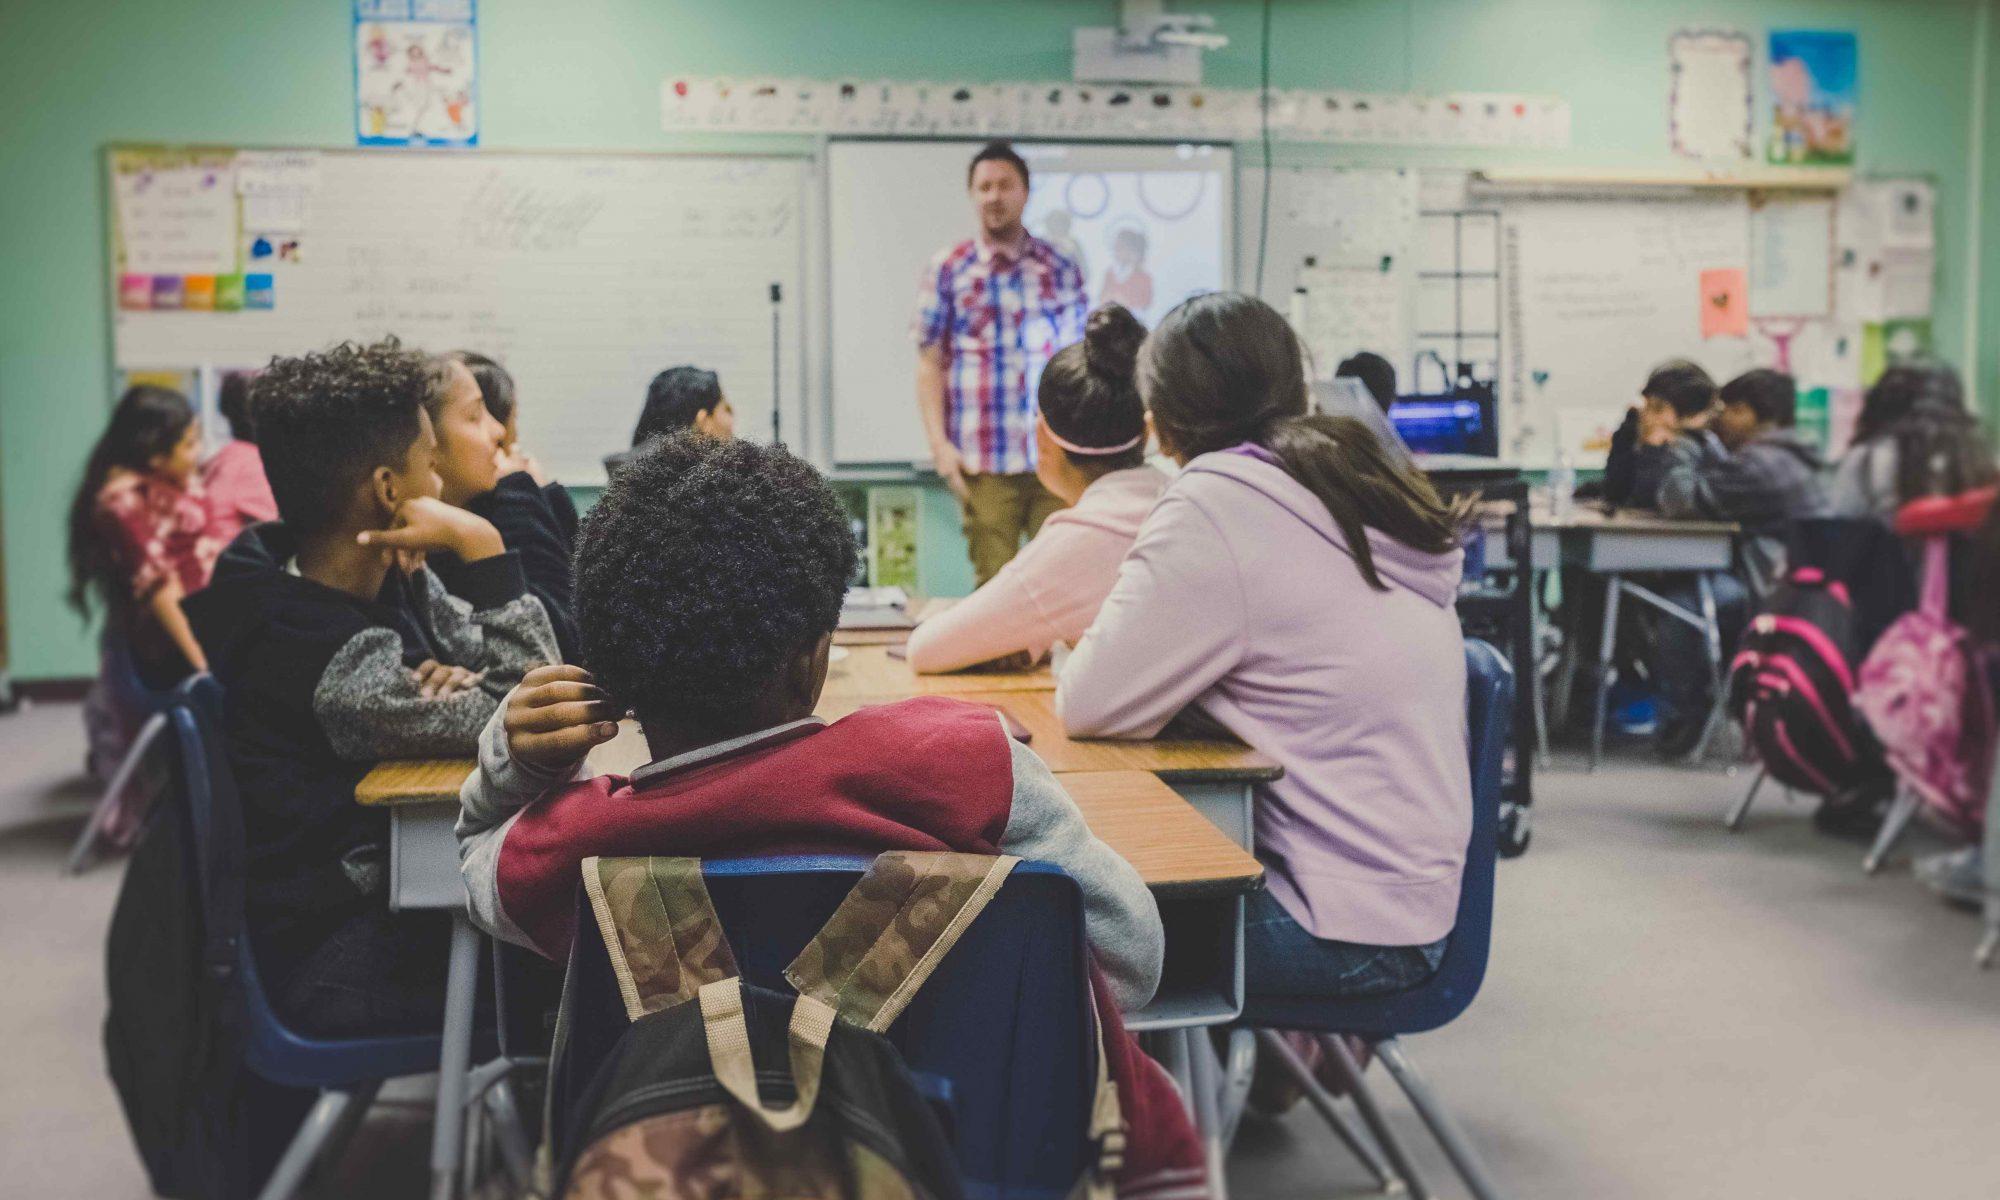 Luokkahuone, jossa lapsia pienryhmissä ja opettaja